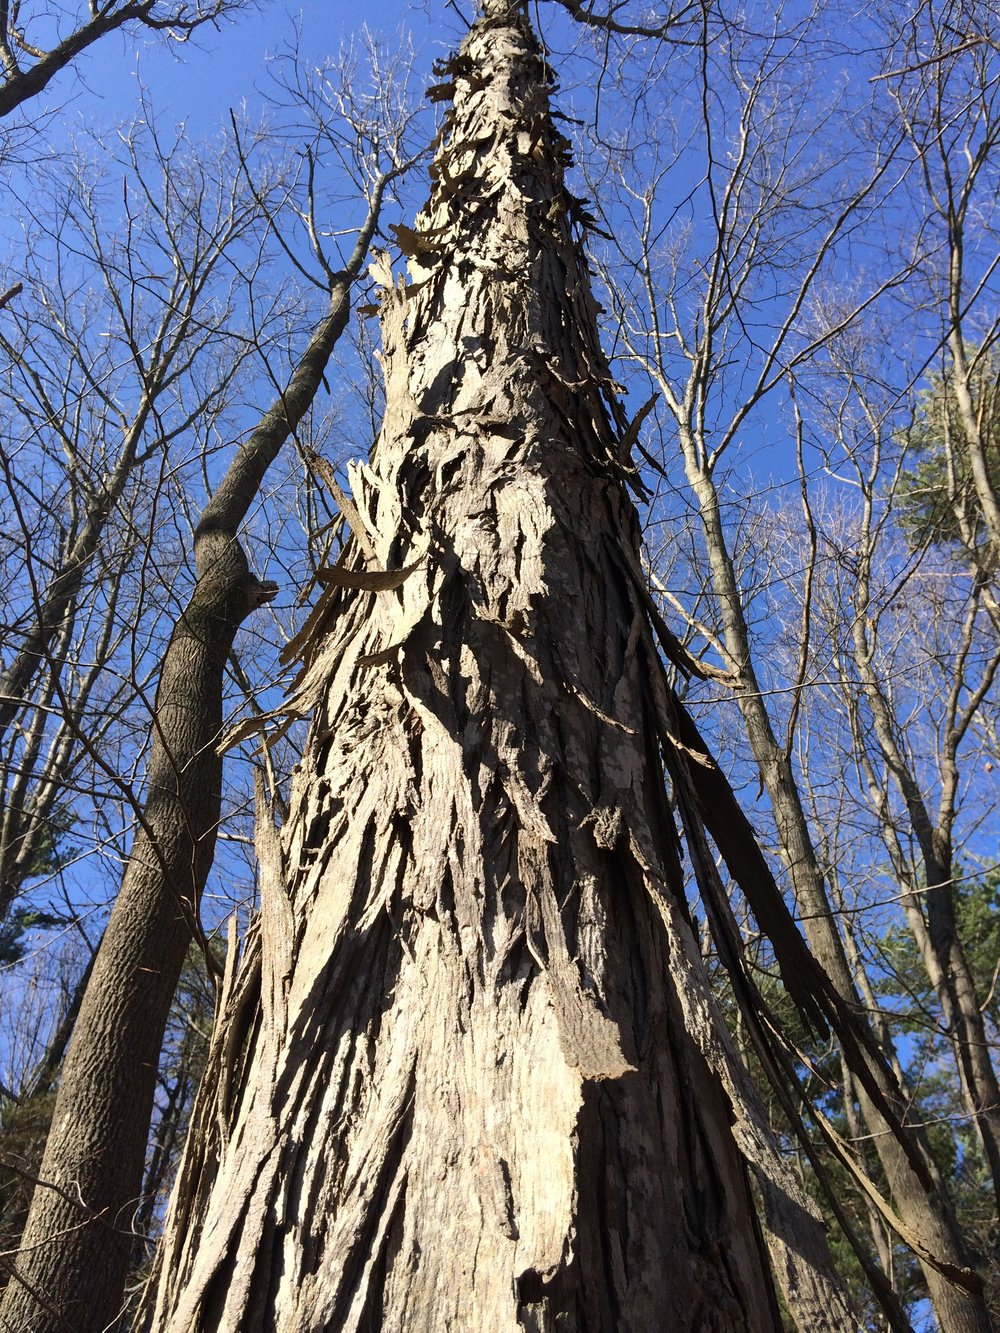 A shagbark hickory nut tree on Powow Hill.